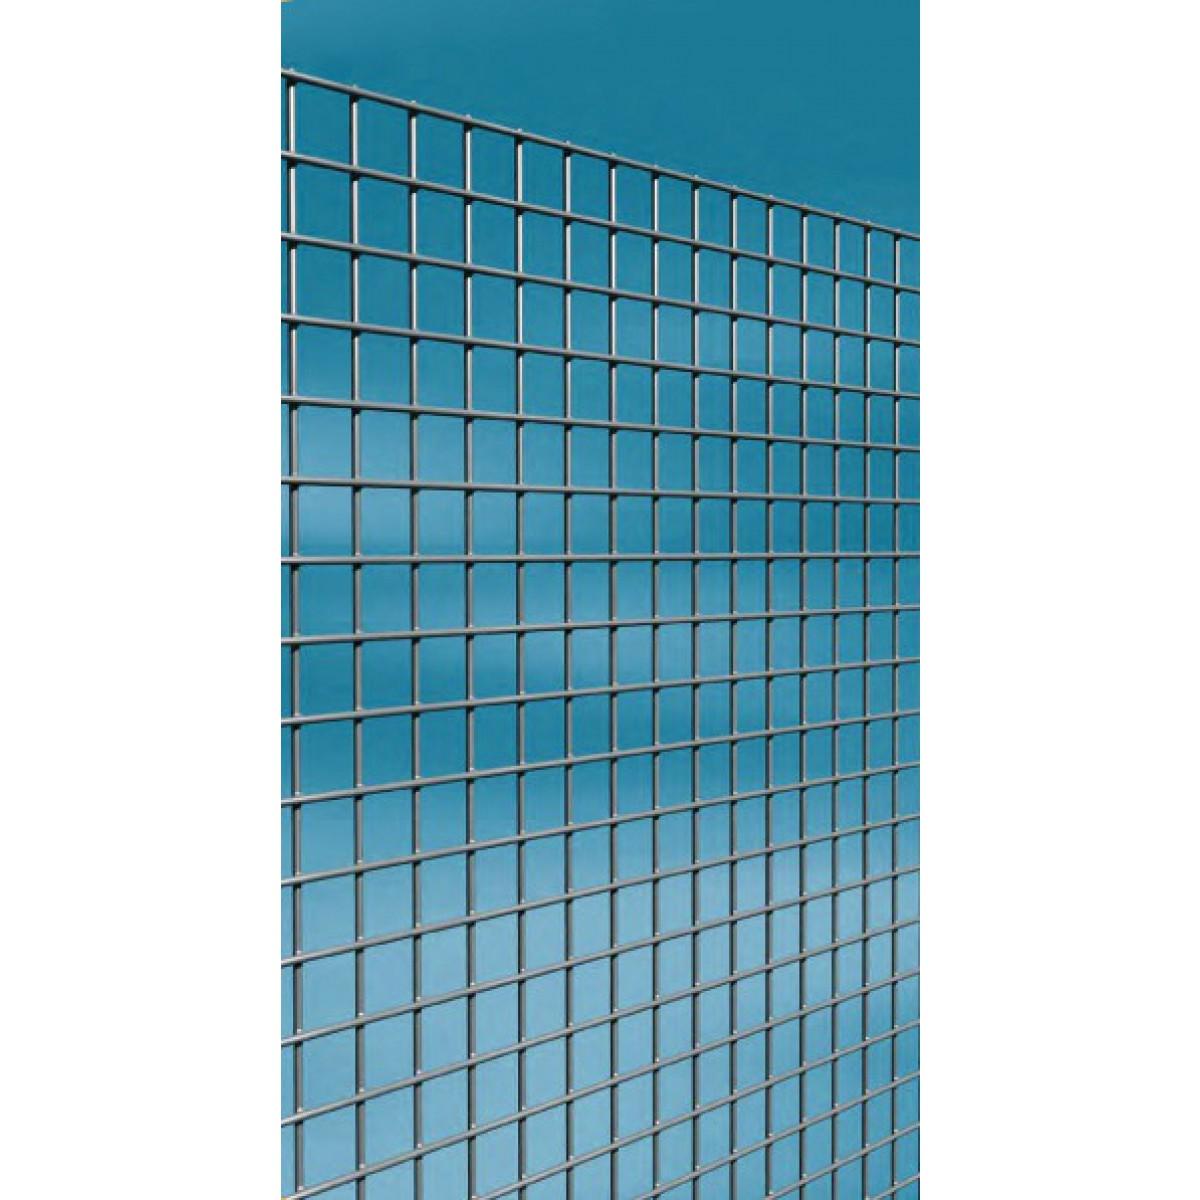 Grillage maille carrée galvanisé Cavatorta - Longueur 5 m - Hauteur 0,5 m - Maille 13 mm